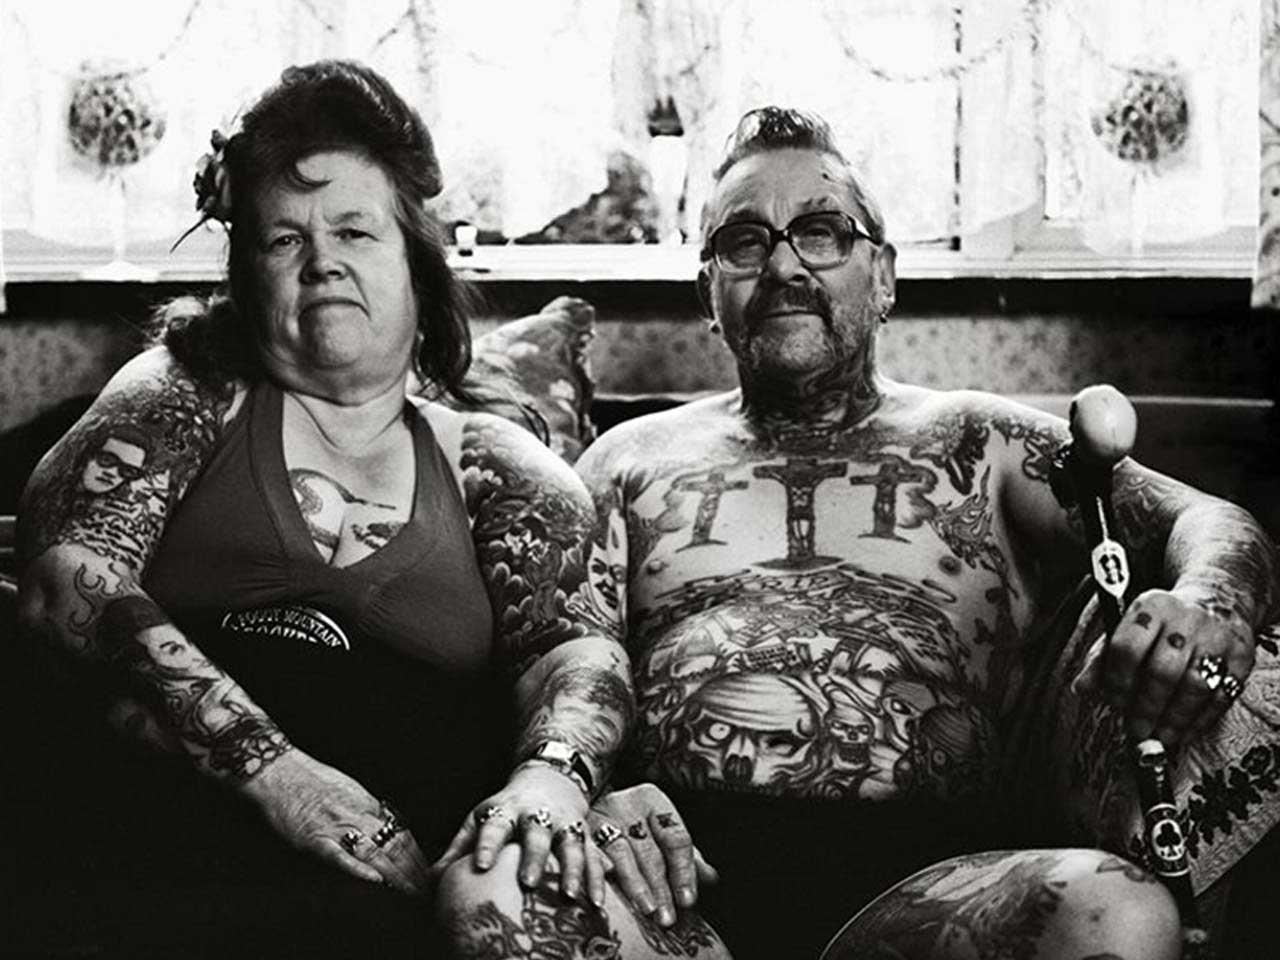 Tattoos im alter sind cool